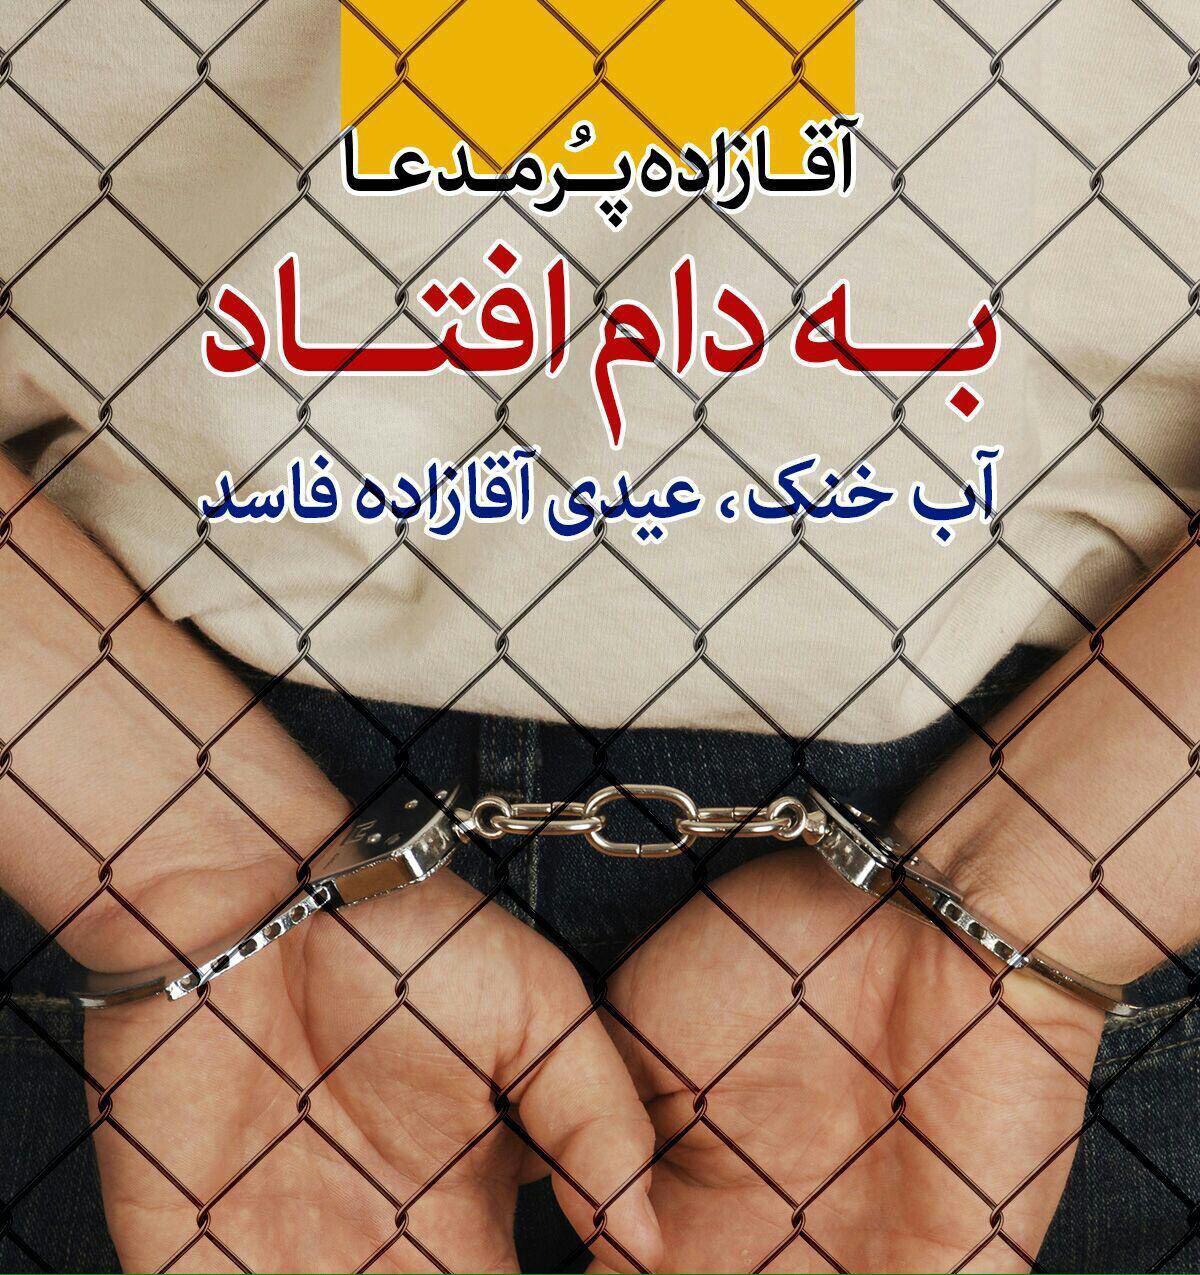 آقازاده جنجالی م. هـ به 15 سال حبس محکوم شد